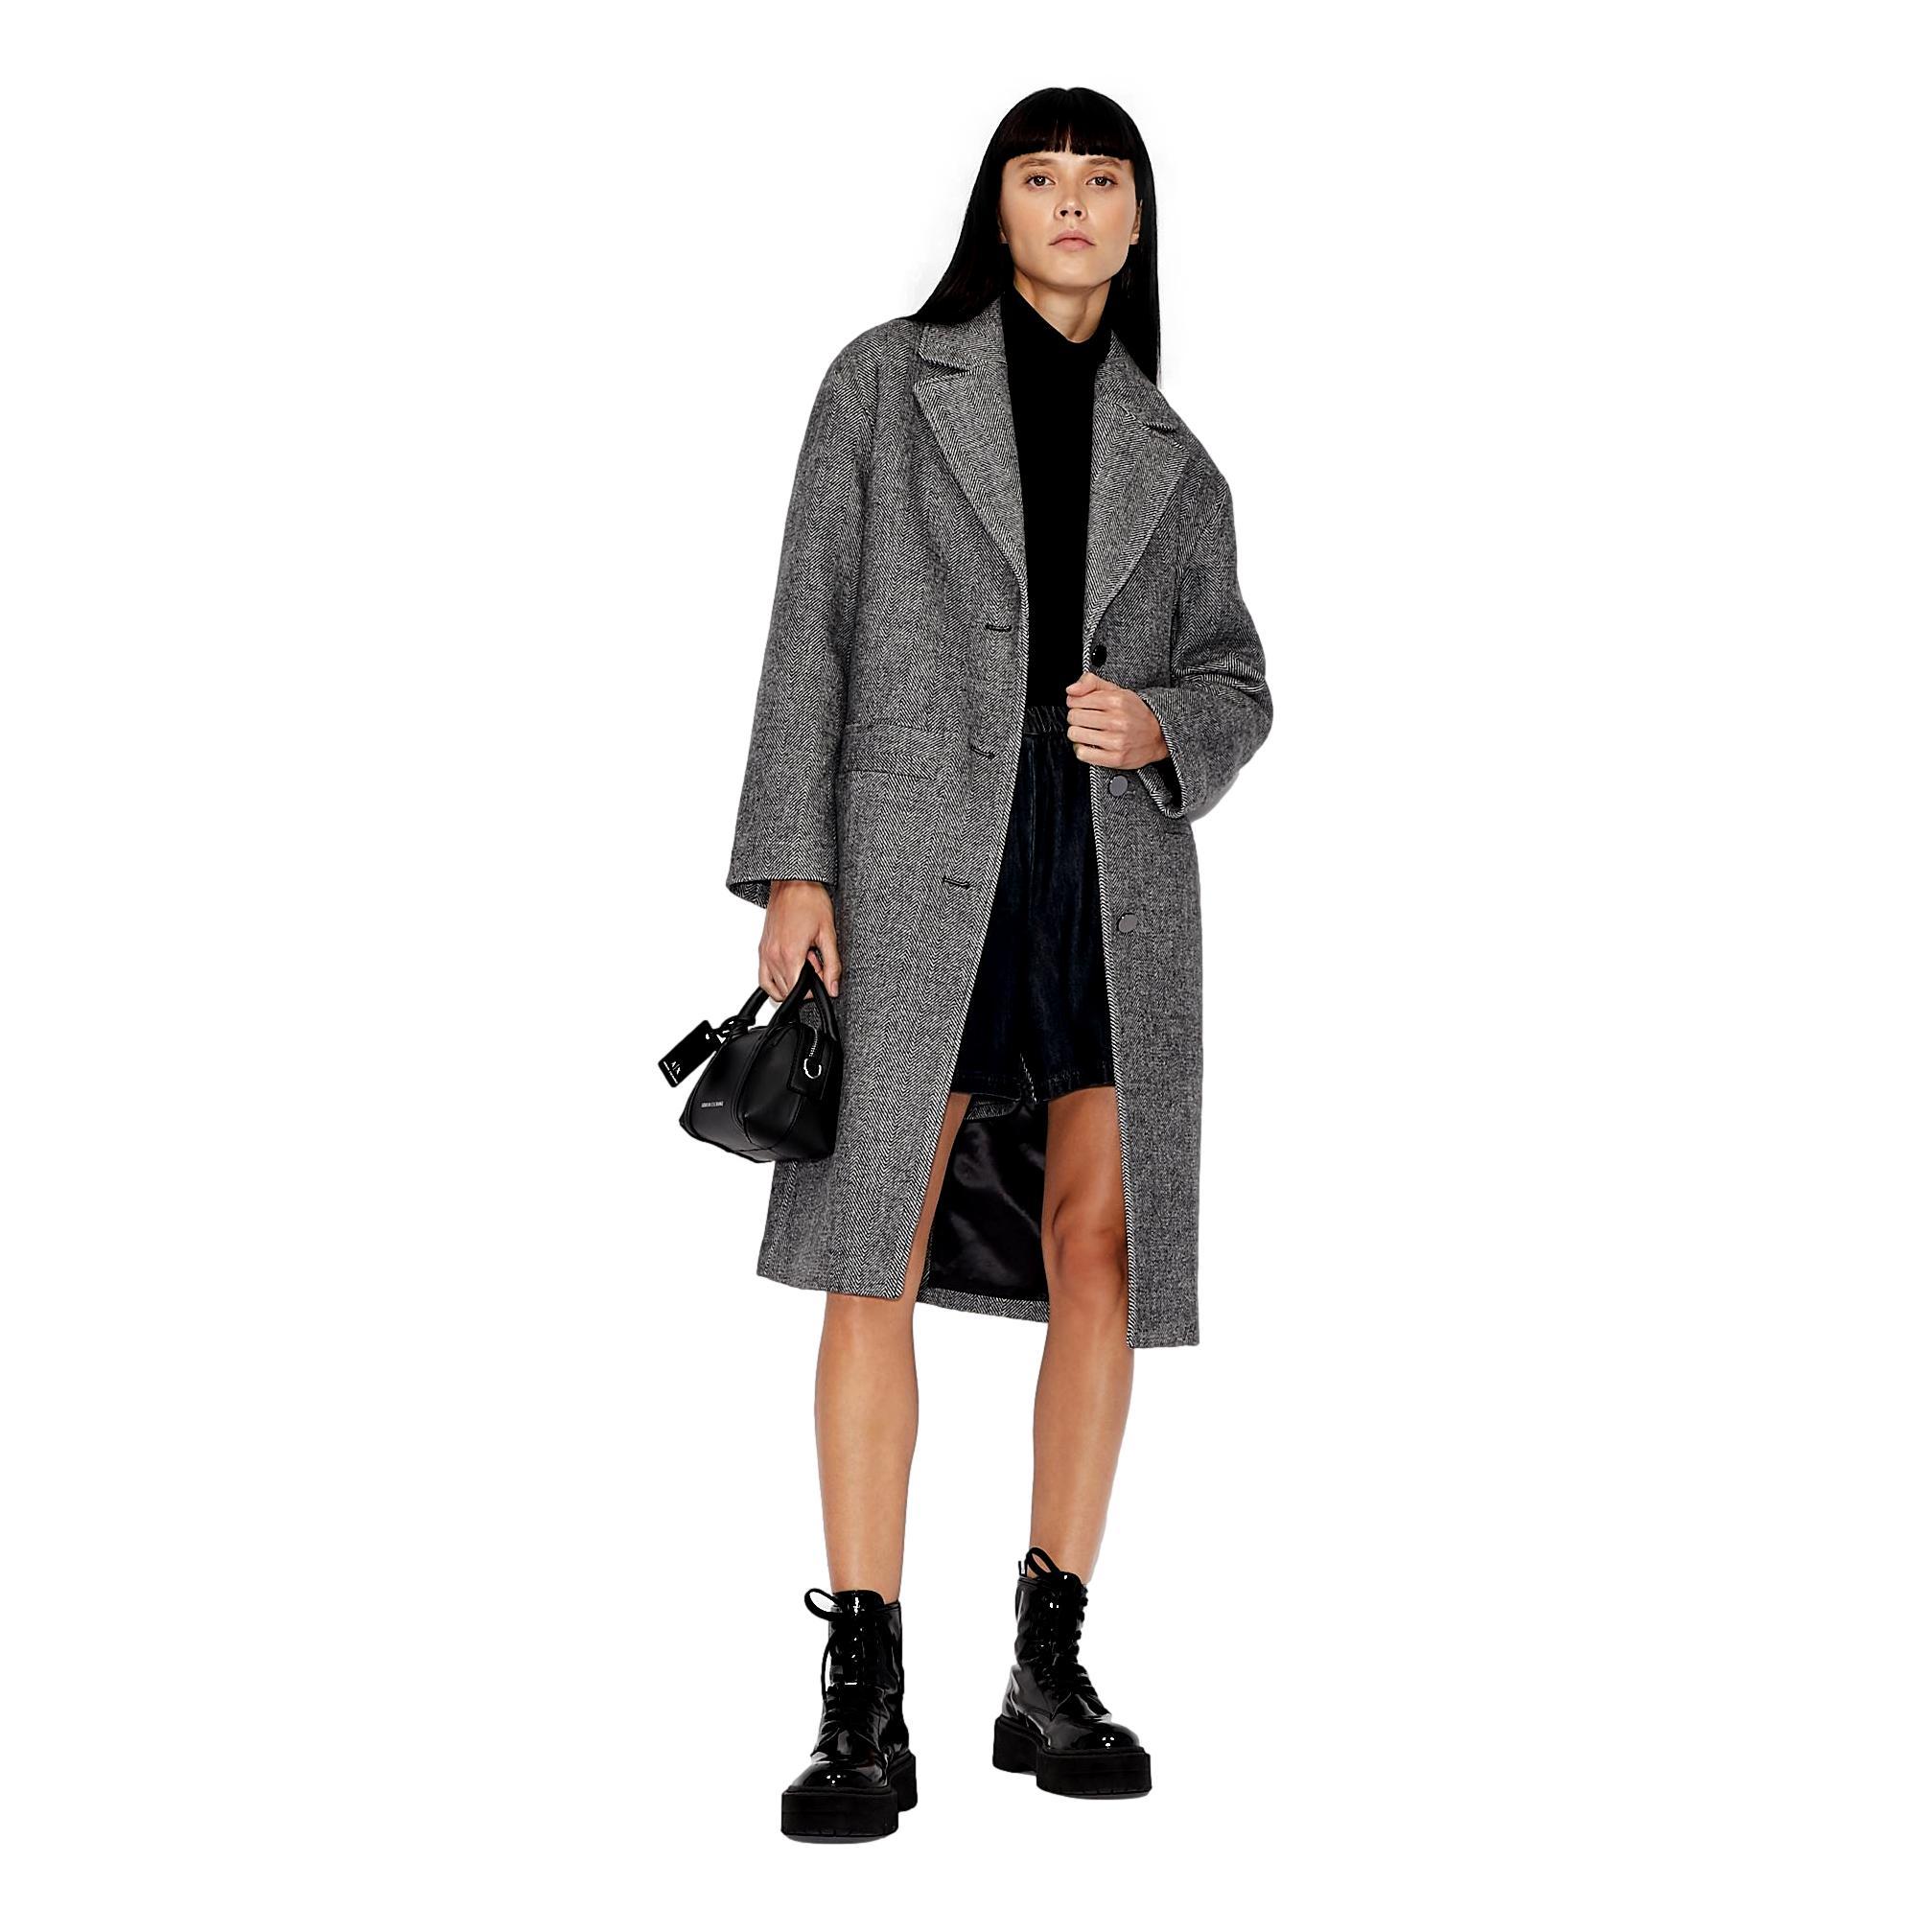 Oversized coat ARMANI EXCHANGE      6KYL18 YNUQZ5980